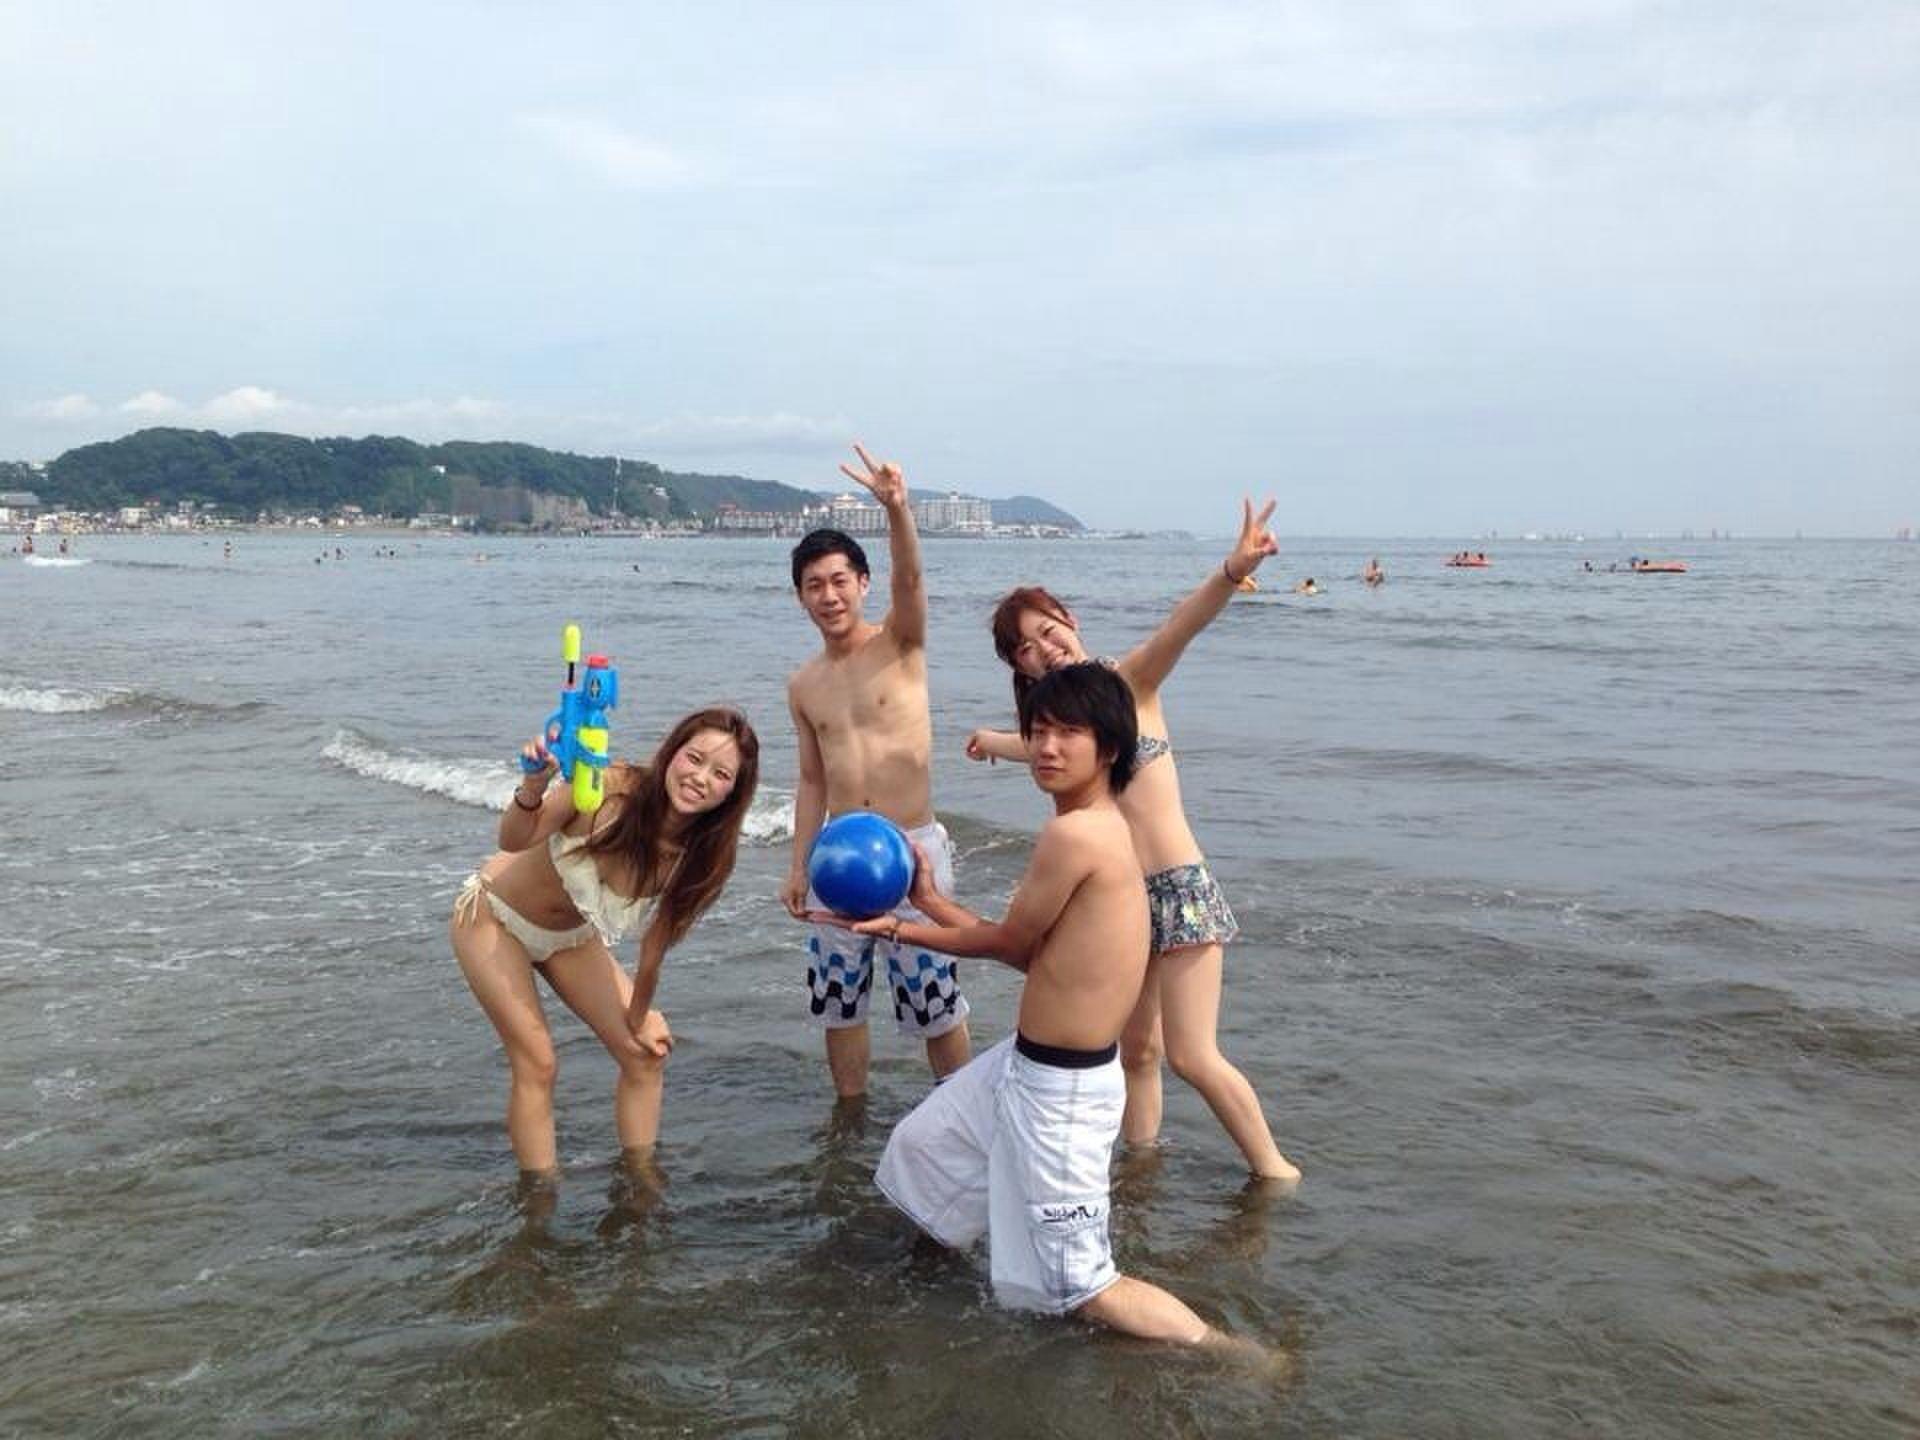 夏のデートにもおすすめ!湘南の由比ヶ浜で海水浴!海の家でかき氷!駐車場の情報も!